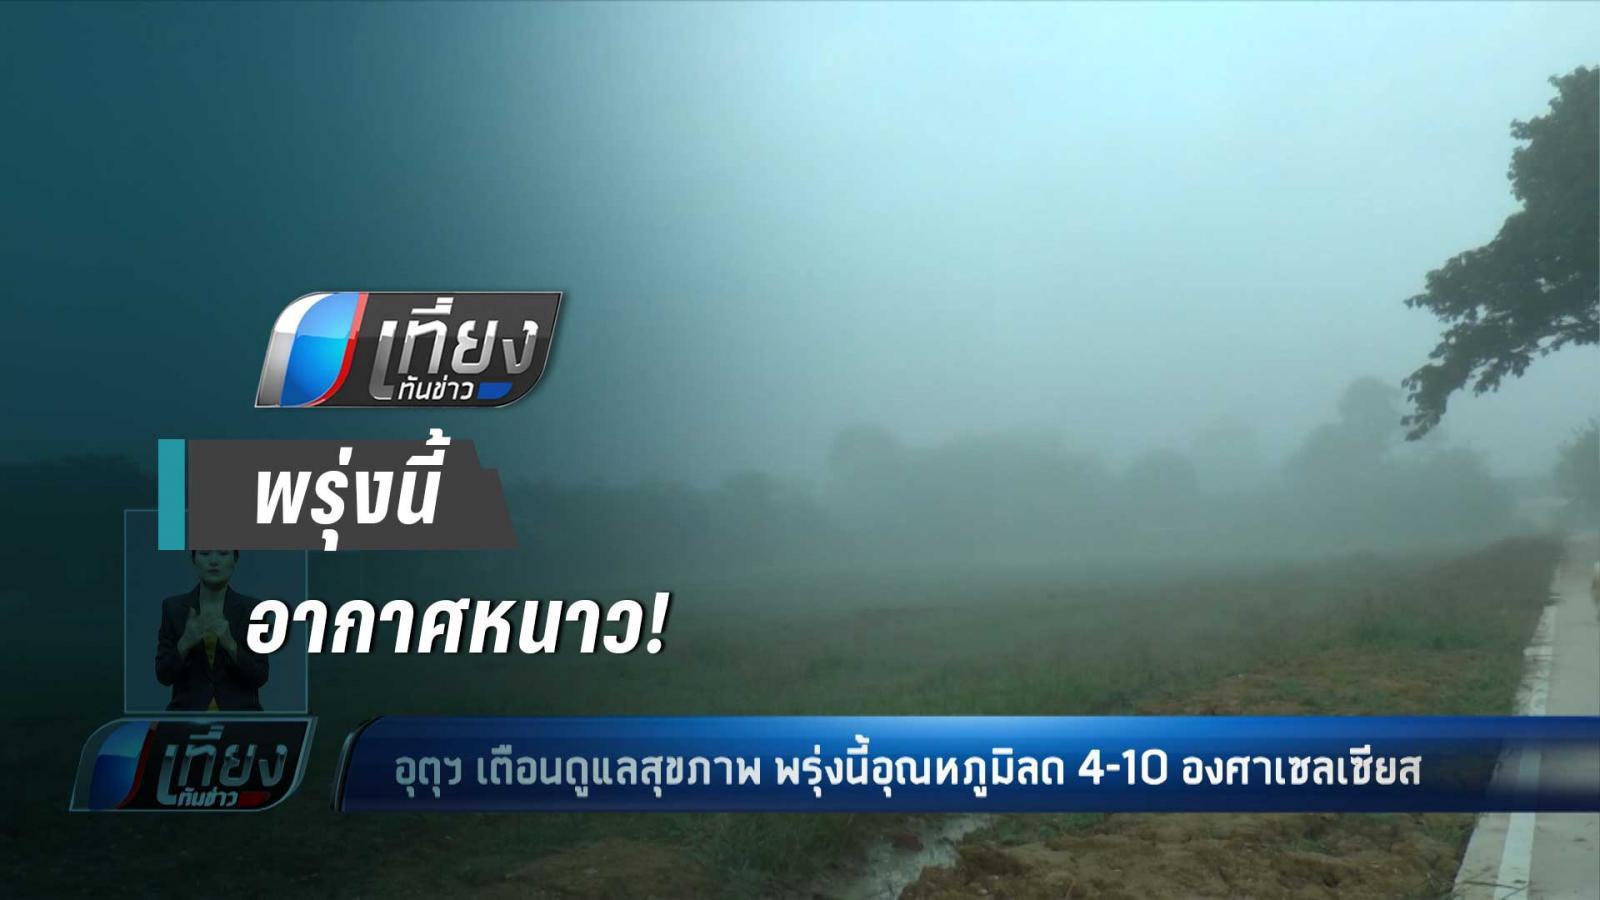 อุตุฯ เตือนทั่วไทยหนาว 3-7 ธ.ค. นี้ ใต้คลื่นลมแรง เรือเล็กงดออกจากฝั่ง